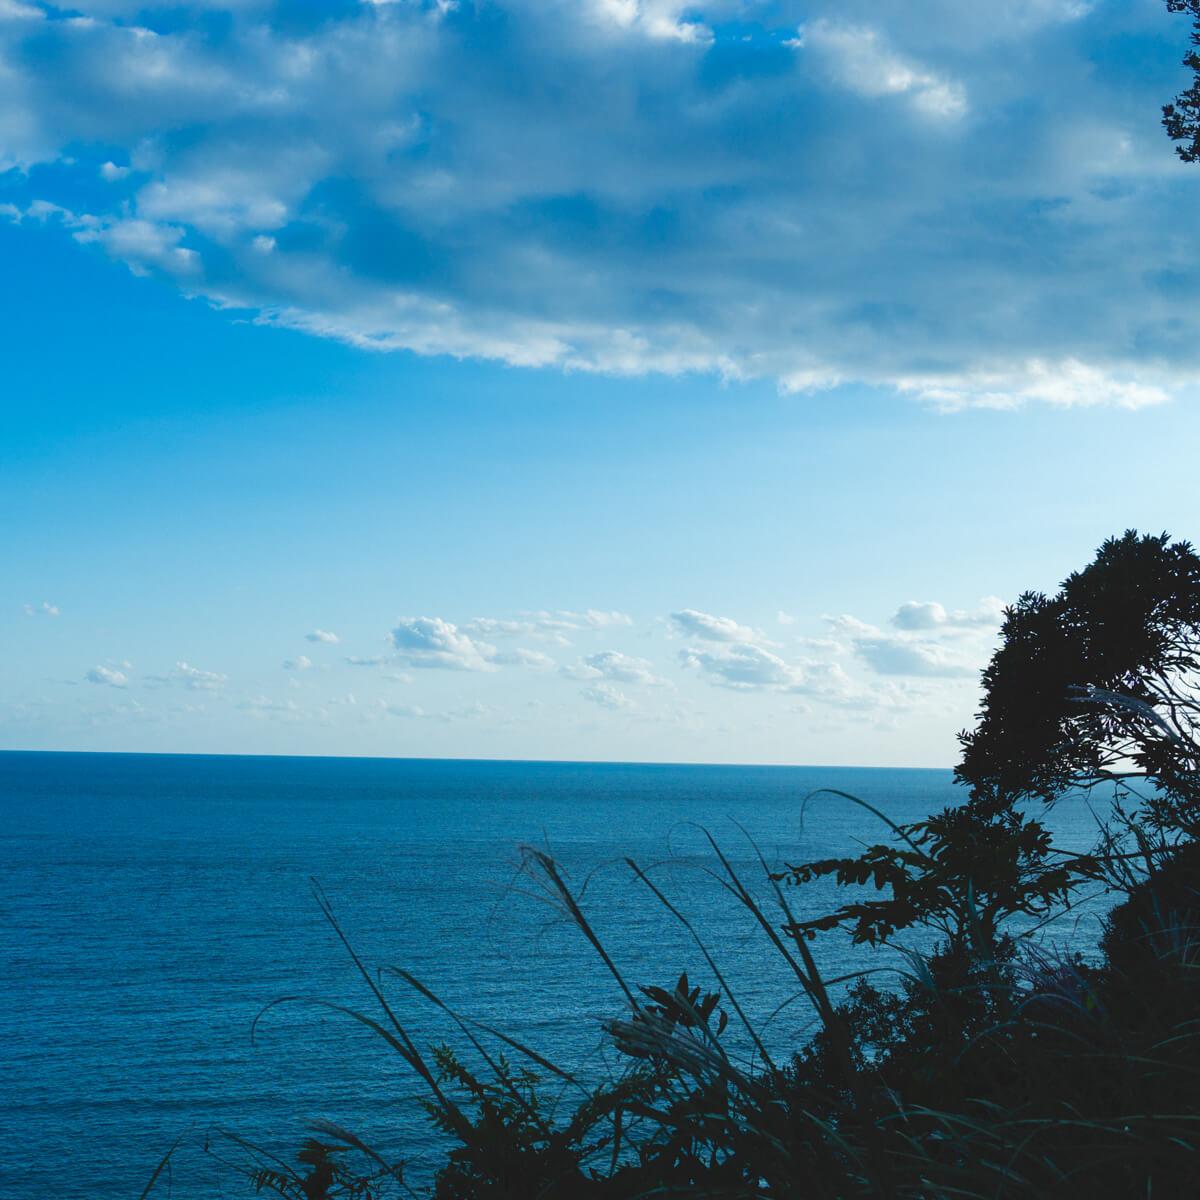 夕暮れ時 屋久島の海、空雲 屋久島海とジュエリー オーダーメイドマリッジリングのモチーフ